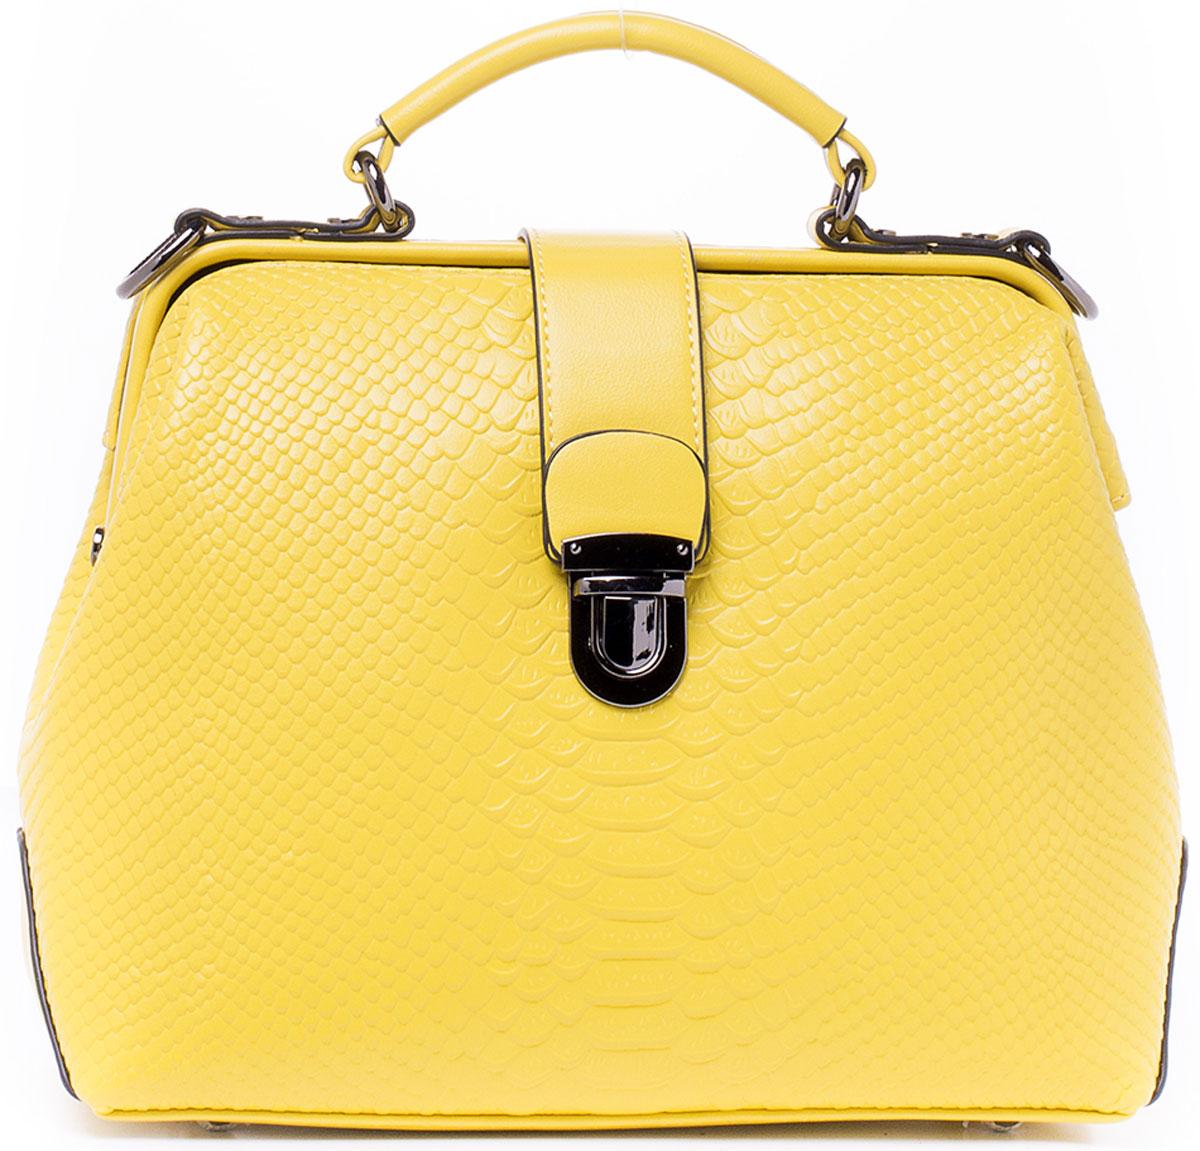 Сумка женская Kordia, цвет: желтый. 937-8702/82937-8702/82Кокетливая сумочка Kordia исполнена из высококачественной экокожи. Имеет одно главное отделение, закрывающееся на рамочный замок. внутри отделения находятся: карман-разделитель на молнии, который разграничивает отделение на две части. два накладных кармашка для сотового телефона или мелочей, один прорезной карман на застежке-молнии. Снаружи, на задней стенке сумки, так же имеется карман на молнии для быстрого доступа к часто используемым вещам. Днище сумки защищено от протирания фурнитурными пуклями. Изделие имеет удобную ручку для переноски и пристегивающийся регулируемый наплечный ремень. Ремень прилагается к сумке.